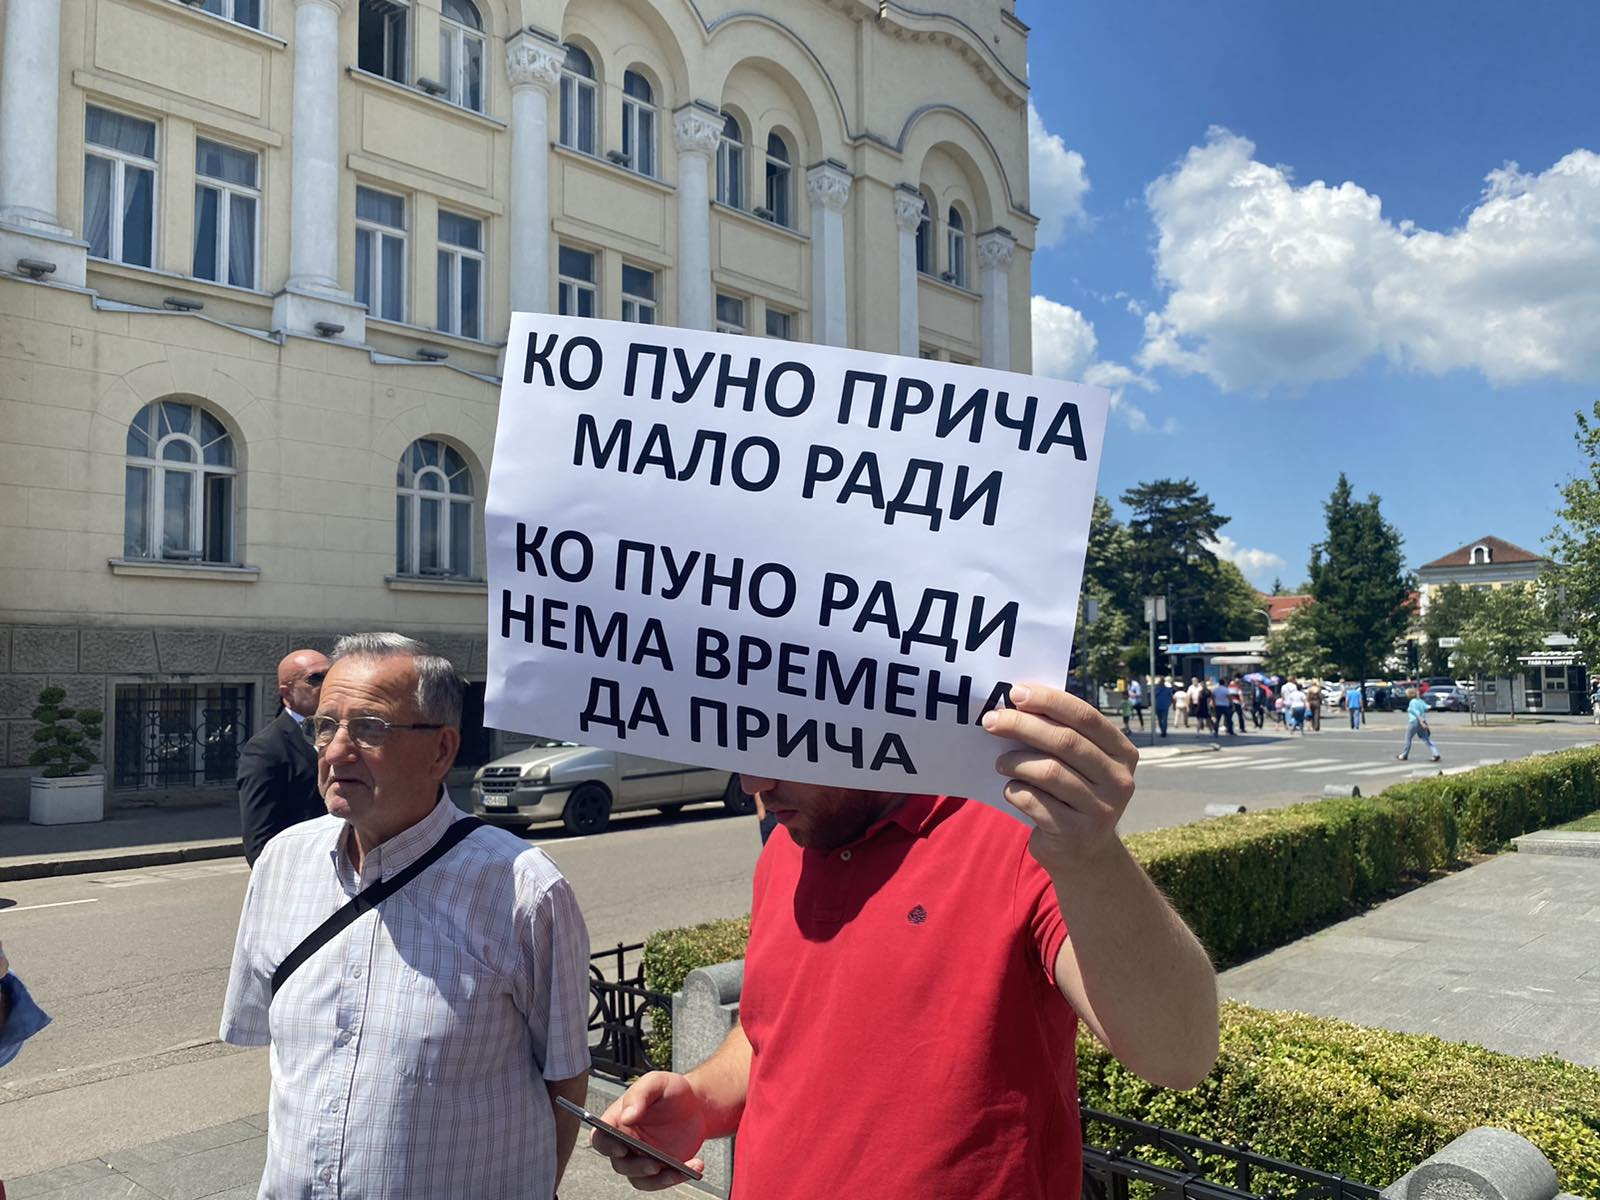 FOTO: Sanja Krasić/RAS Srbija